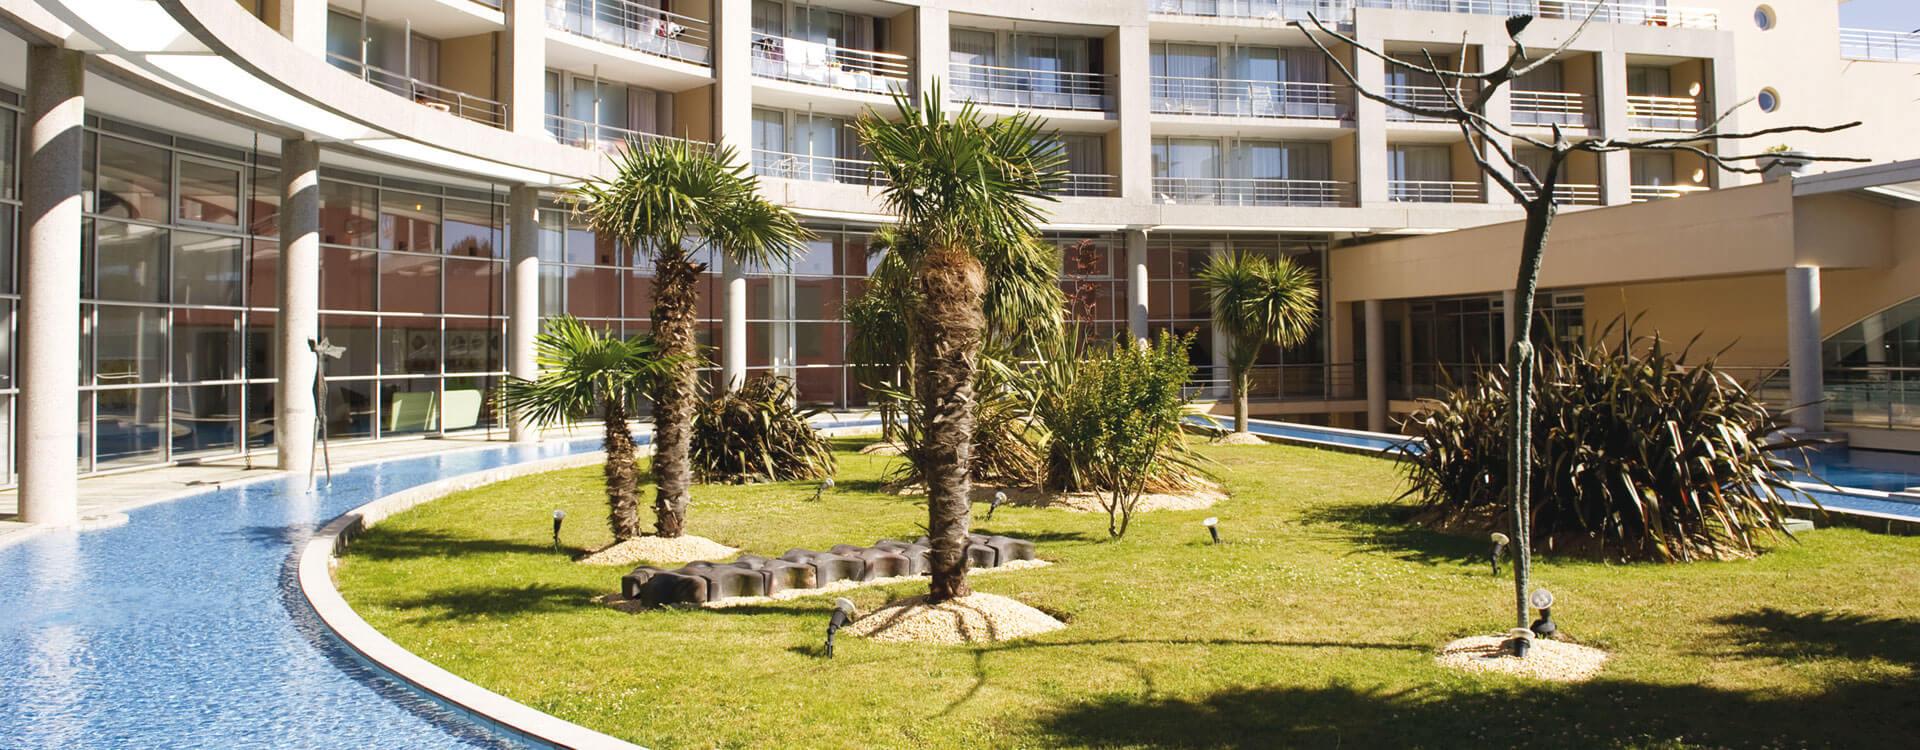 Vue extérieure - Hôtel *** Les Jardins de l'Atlantique